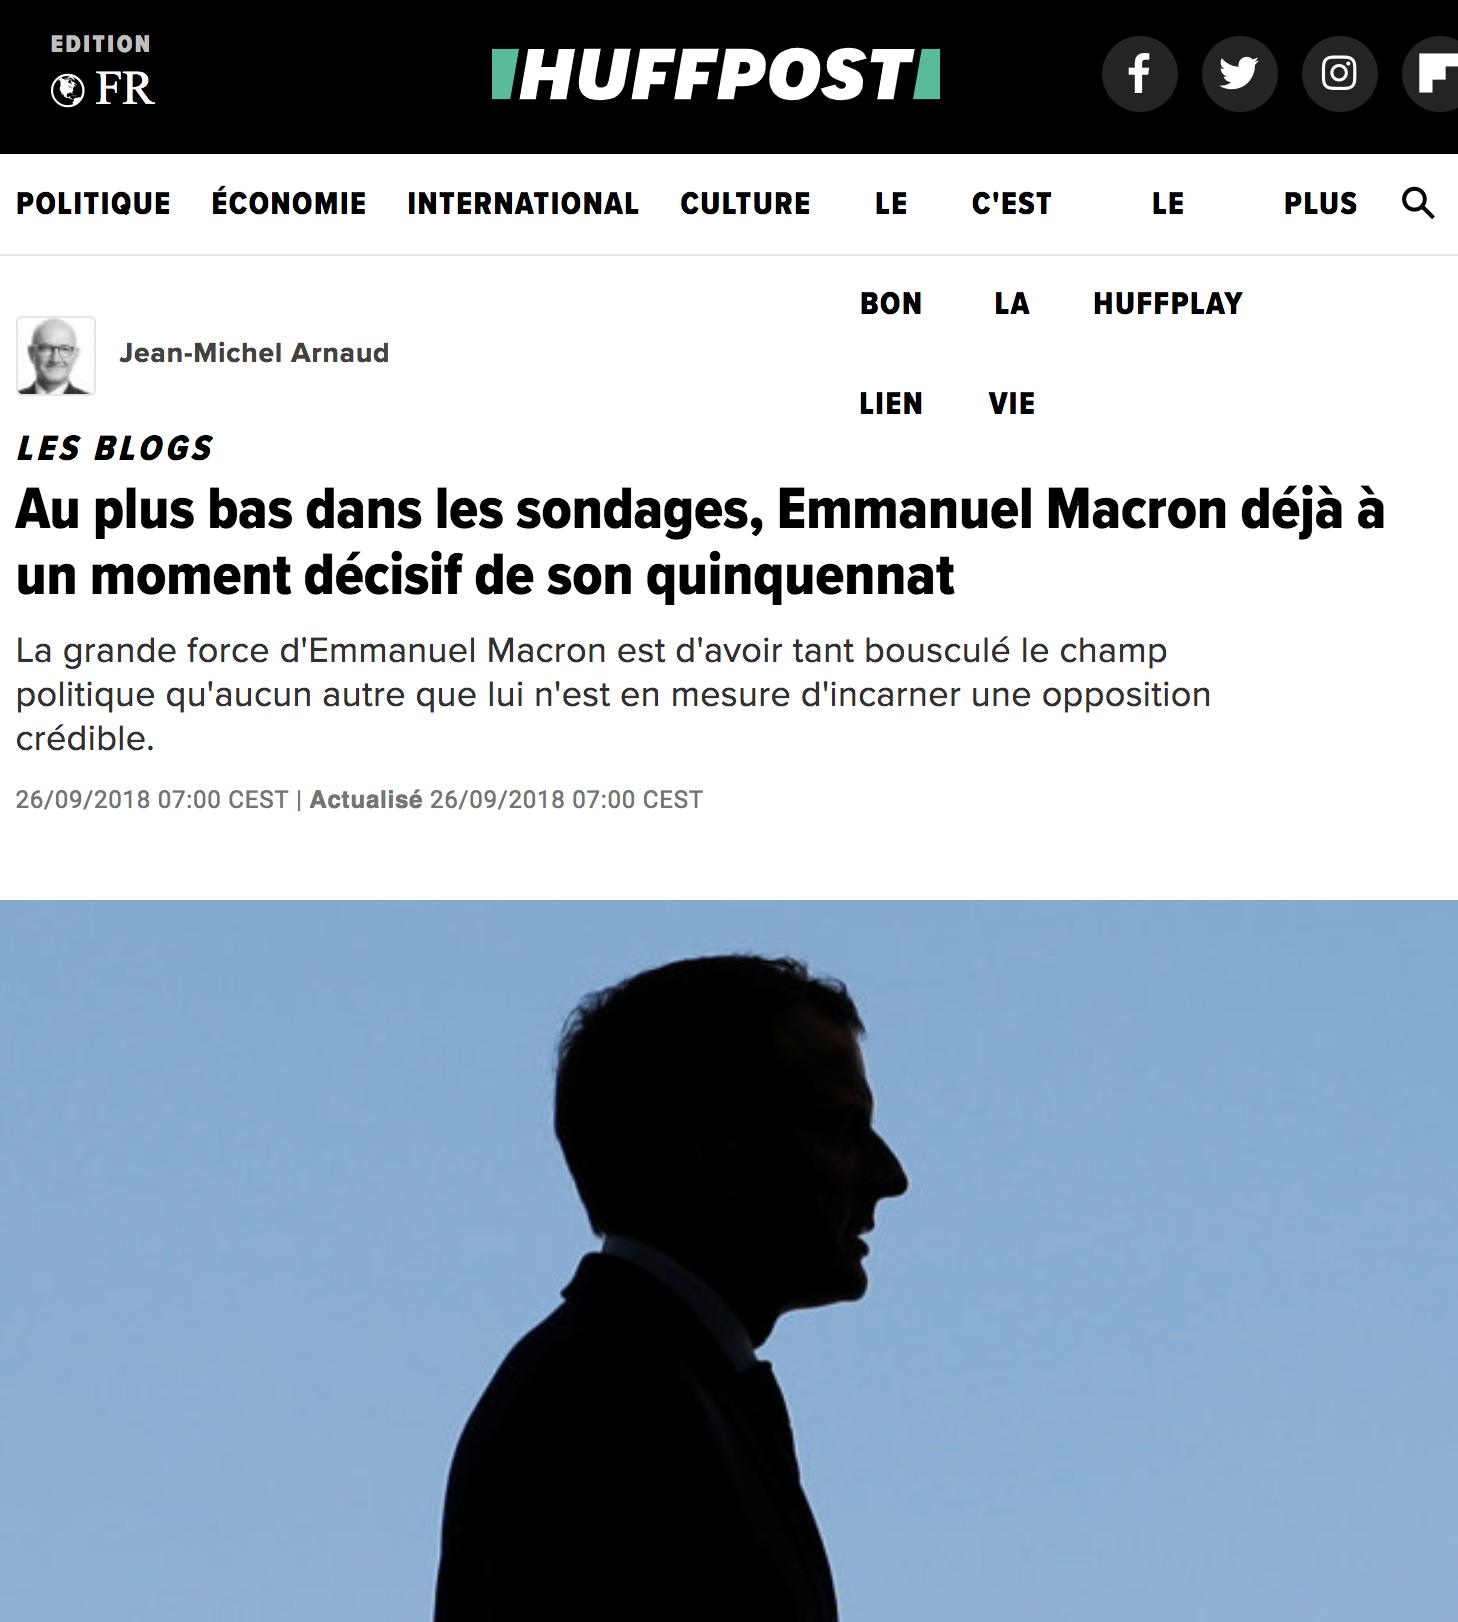 Au plus bas dans les sondages, Emmanuel Macron déjà à un moment décisif de son quinquennat